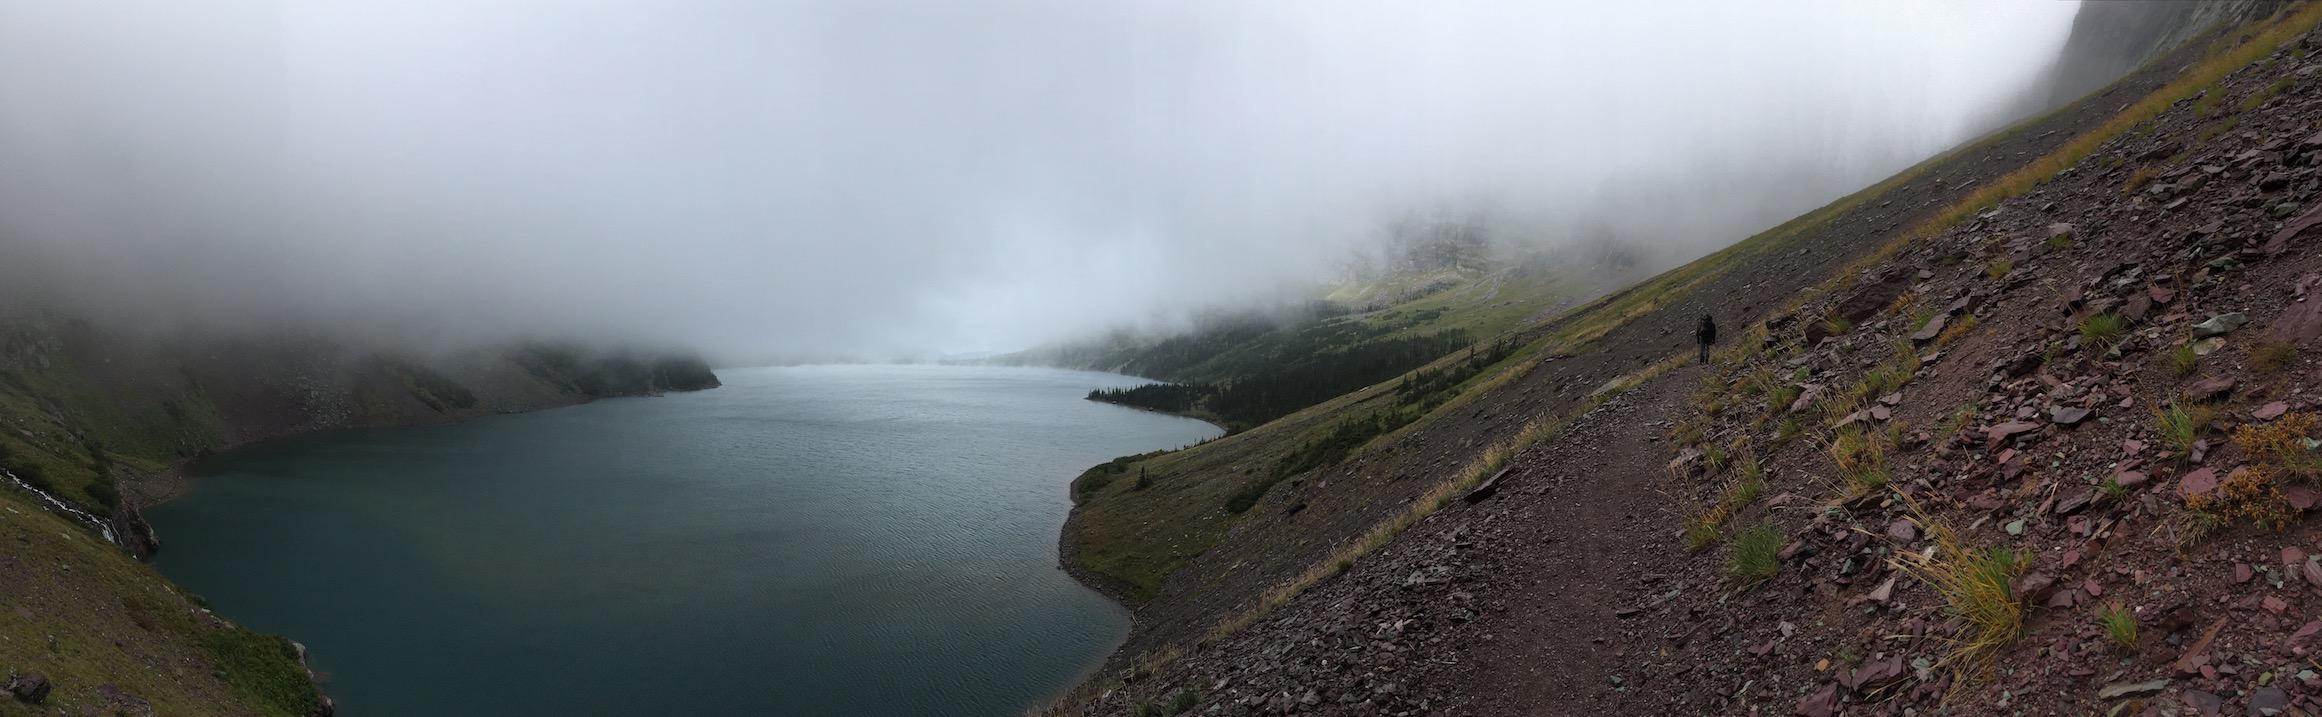 Photo of Glacier National Park, by Rachel Attias.